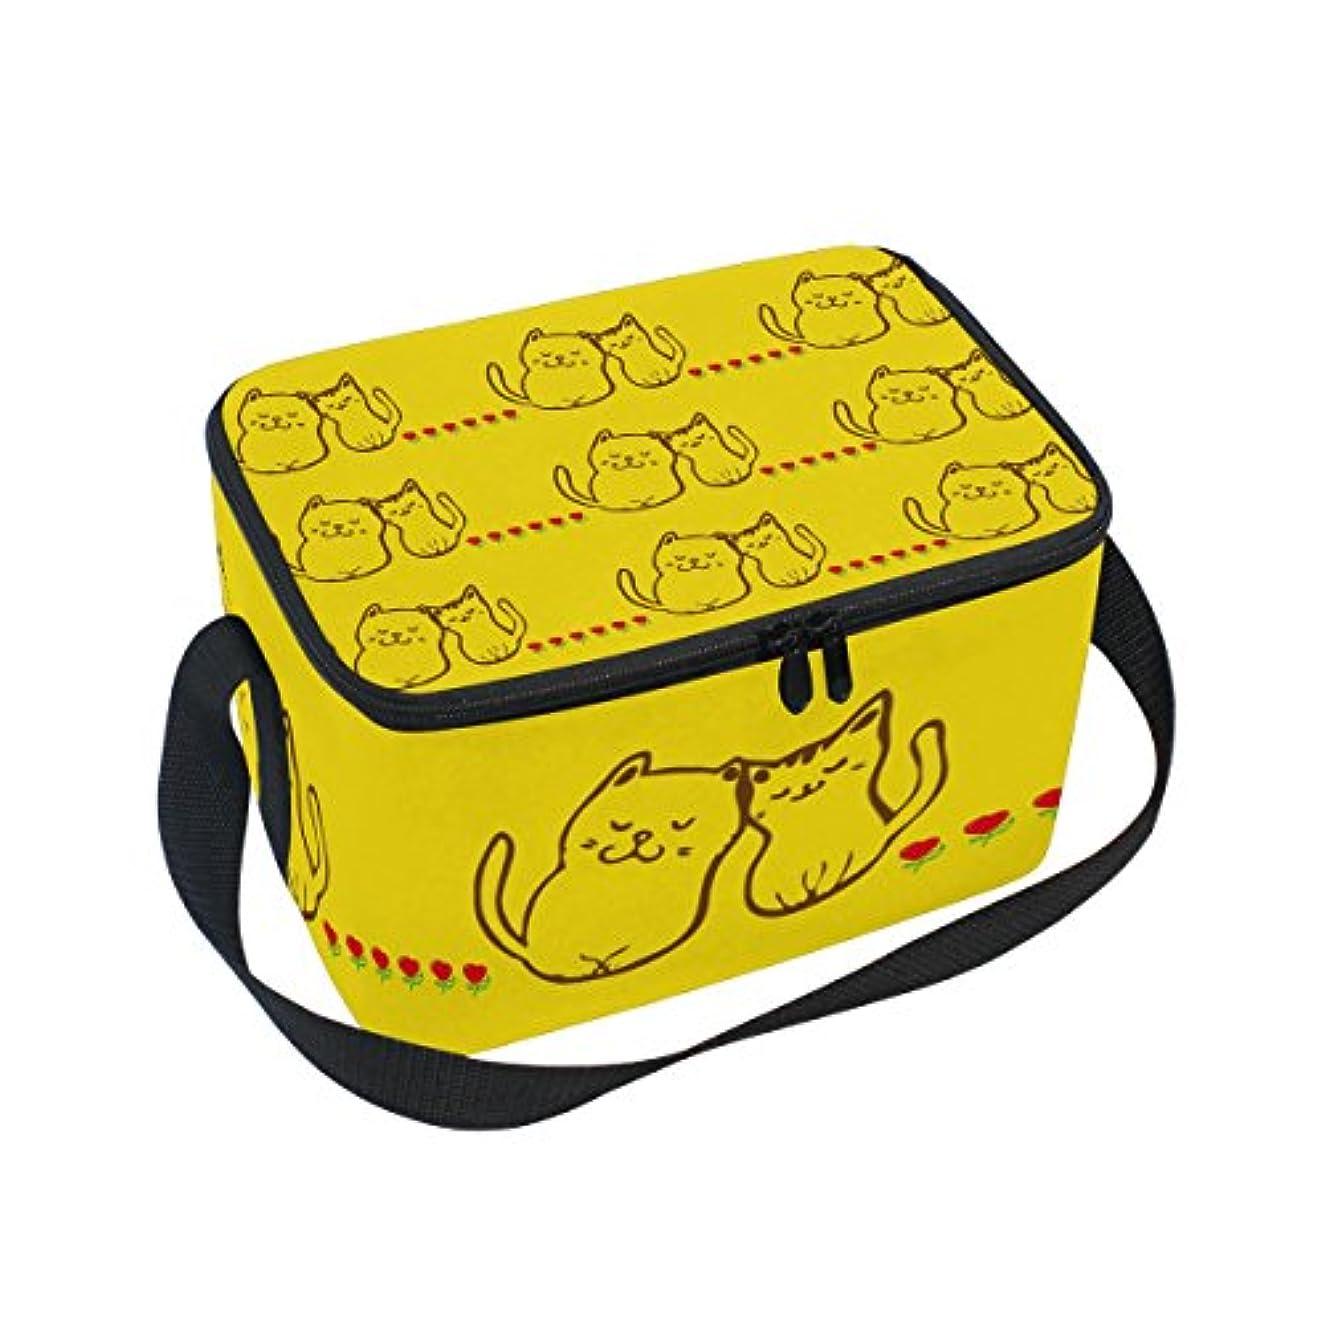 未払い余剰免除するクーラーバッグ クーラーボックス ソフトクーラ 冷蔵ボックス キャンプ用品  猫柄 金色 保冷保温 大容量 肩掛け お花見 アウトドア